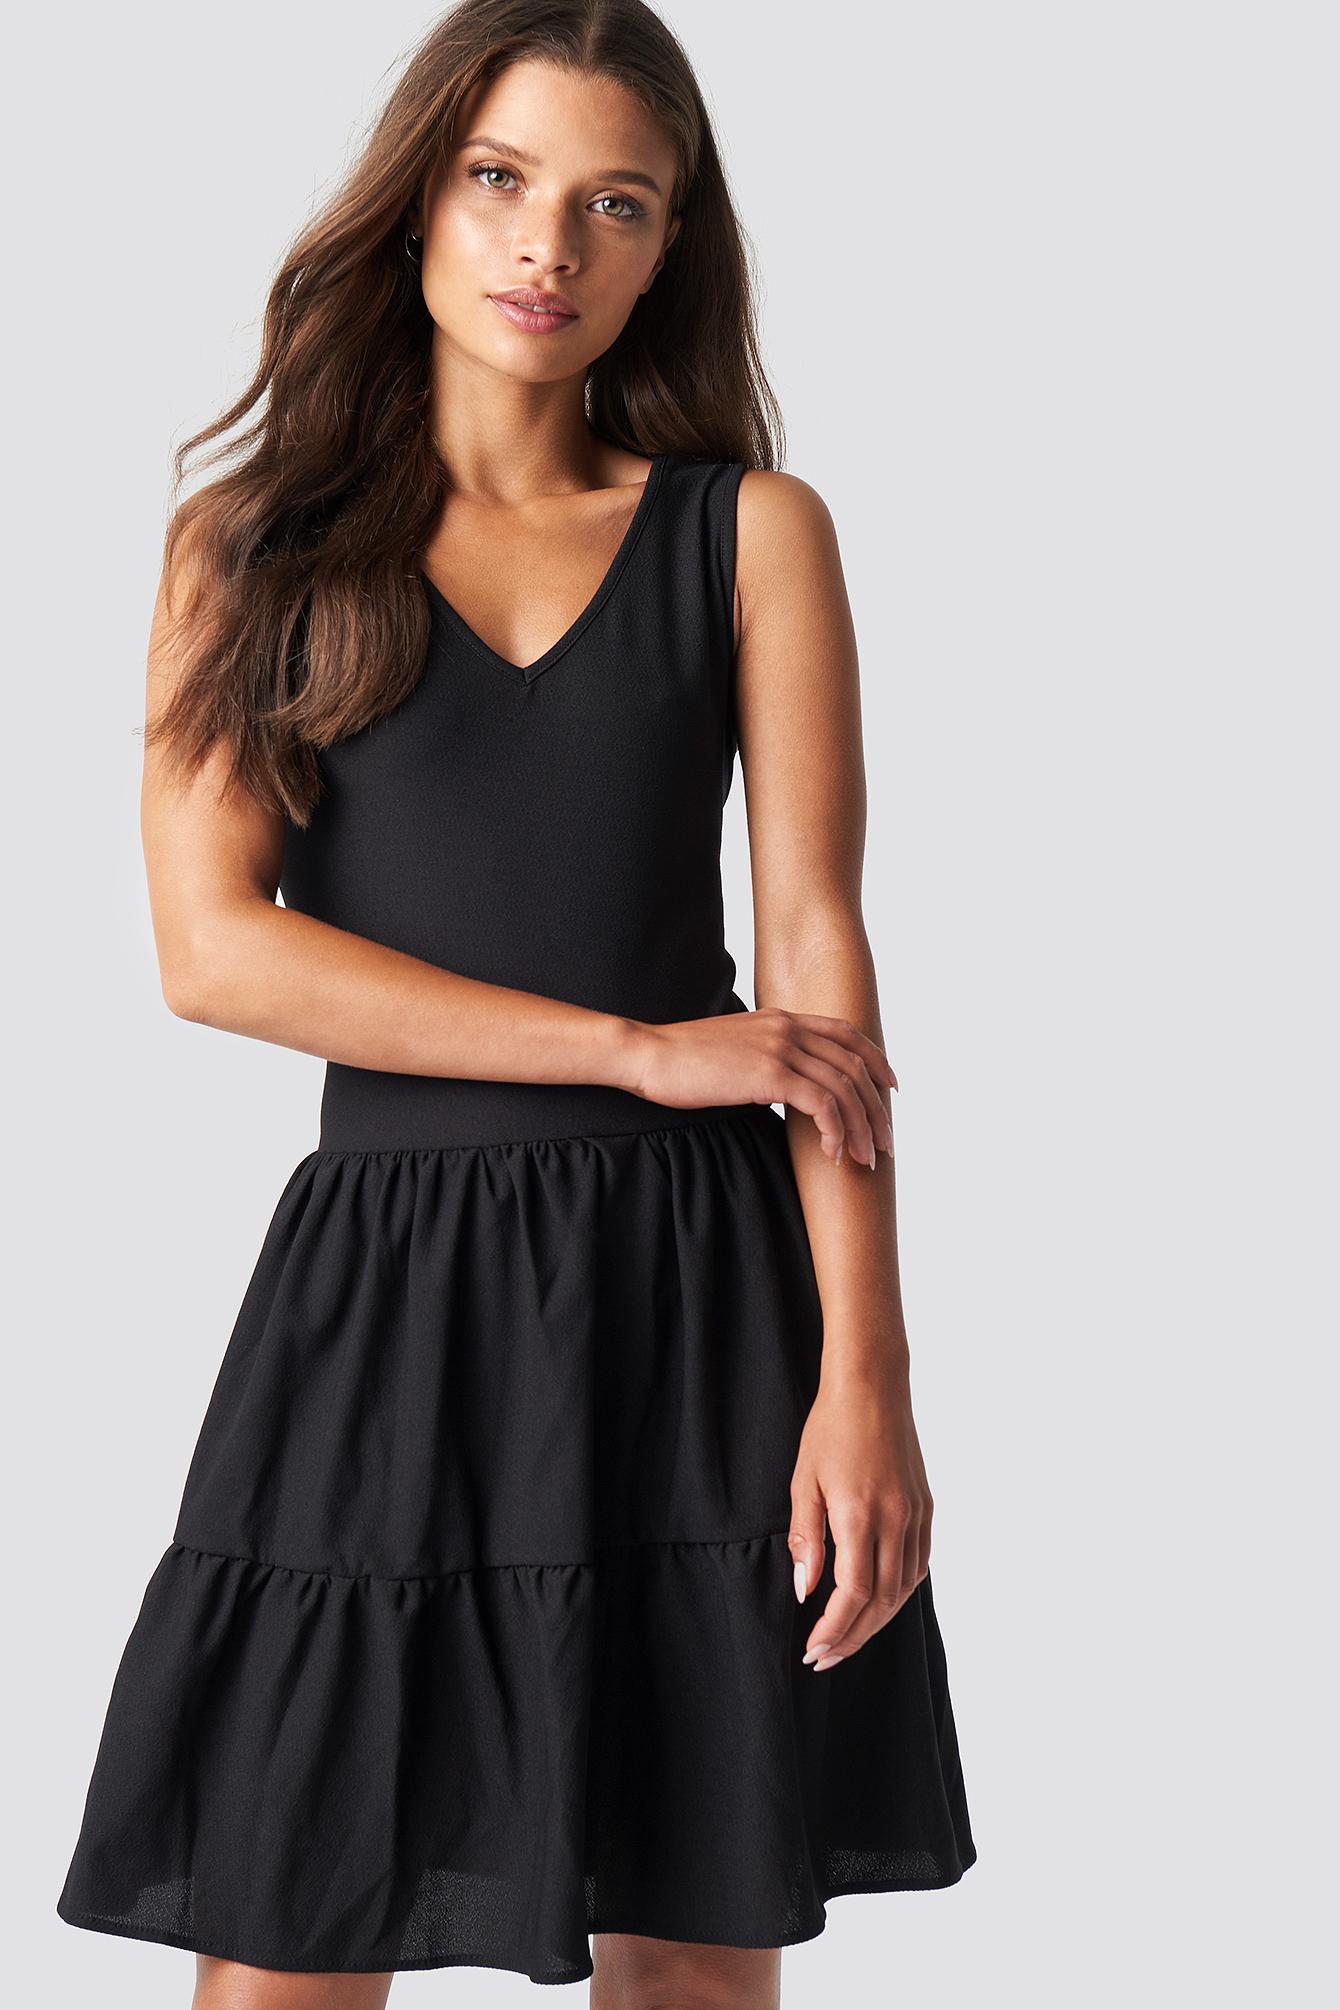 TRENDYOL V NECK DETAILED MINI DRESS - BLACK